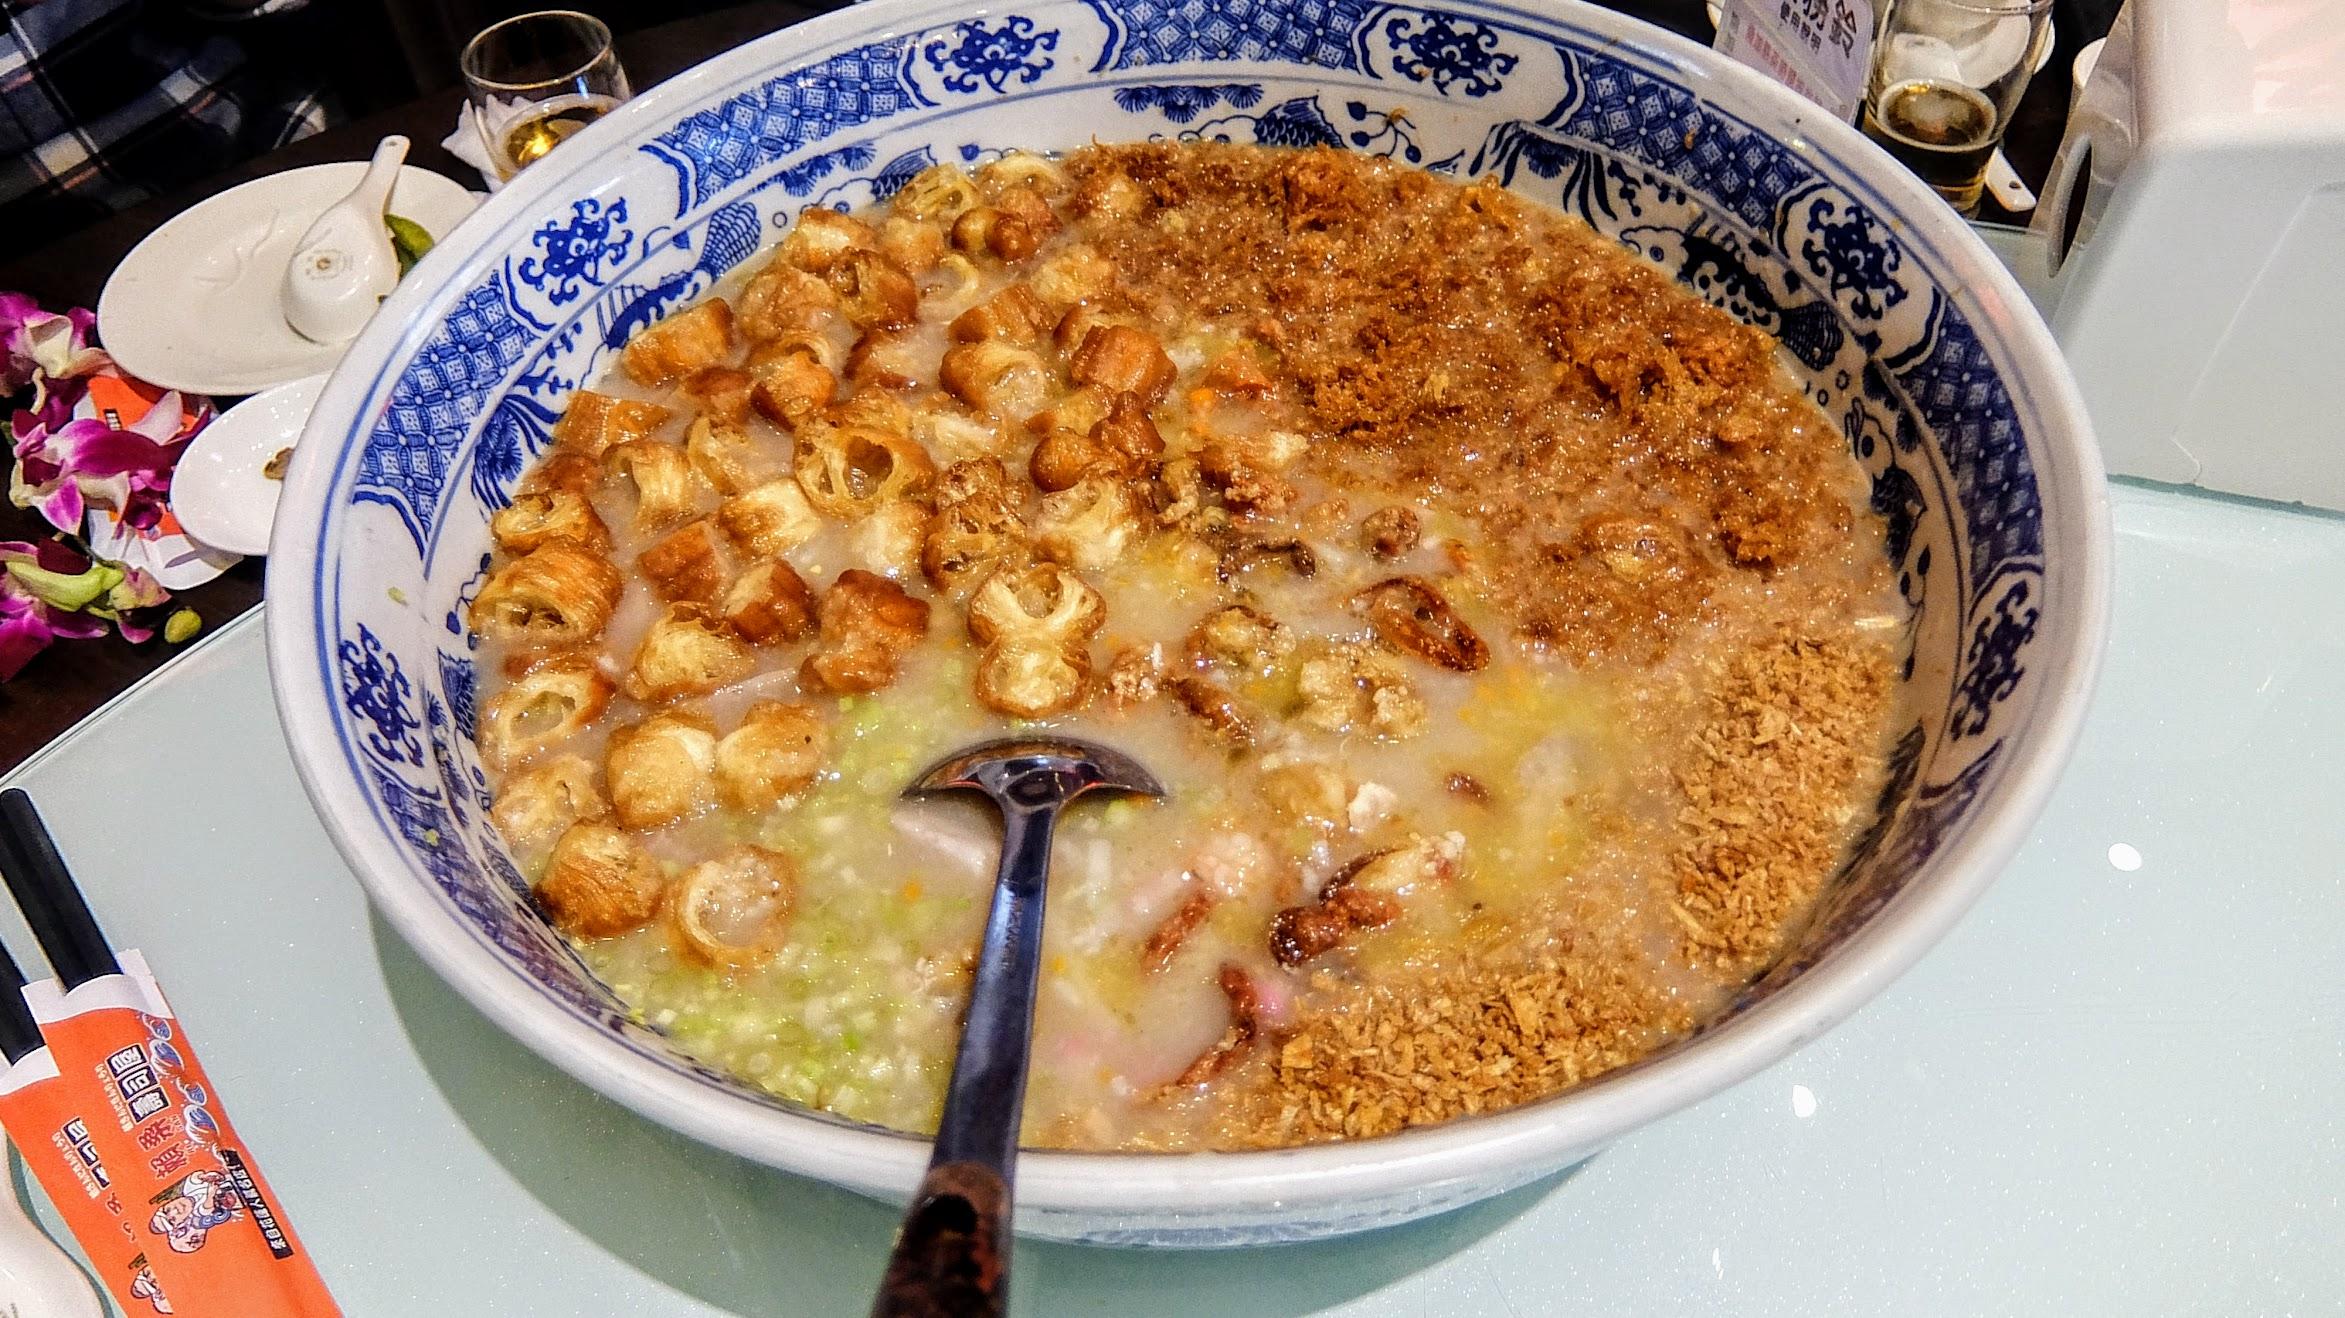 蟹黃軟殼蟹粥! 看吧,還是相同,就是個盆栽來裝粥XDDD 料很多,熬煮得也夠味,好吃..